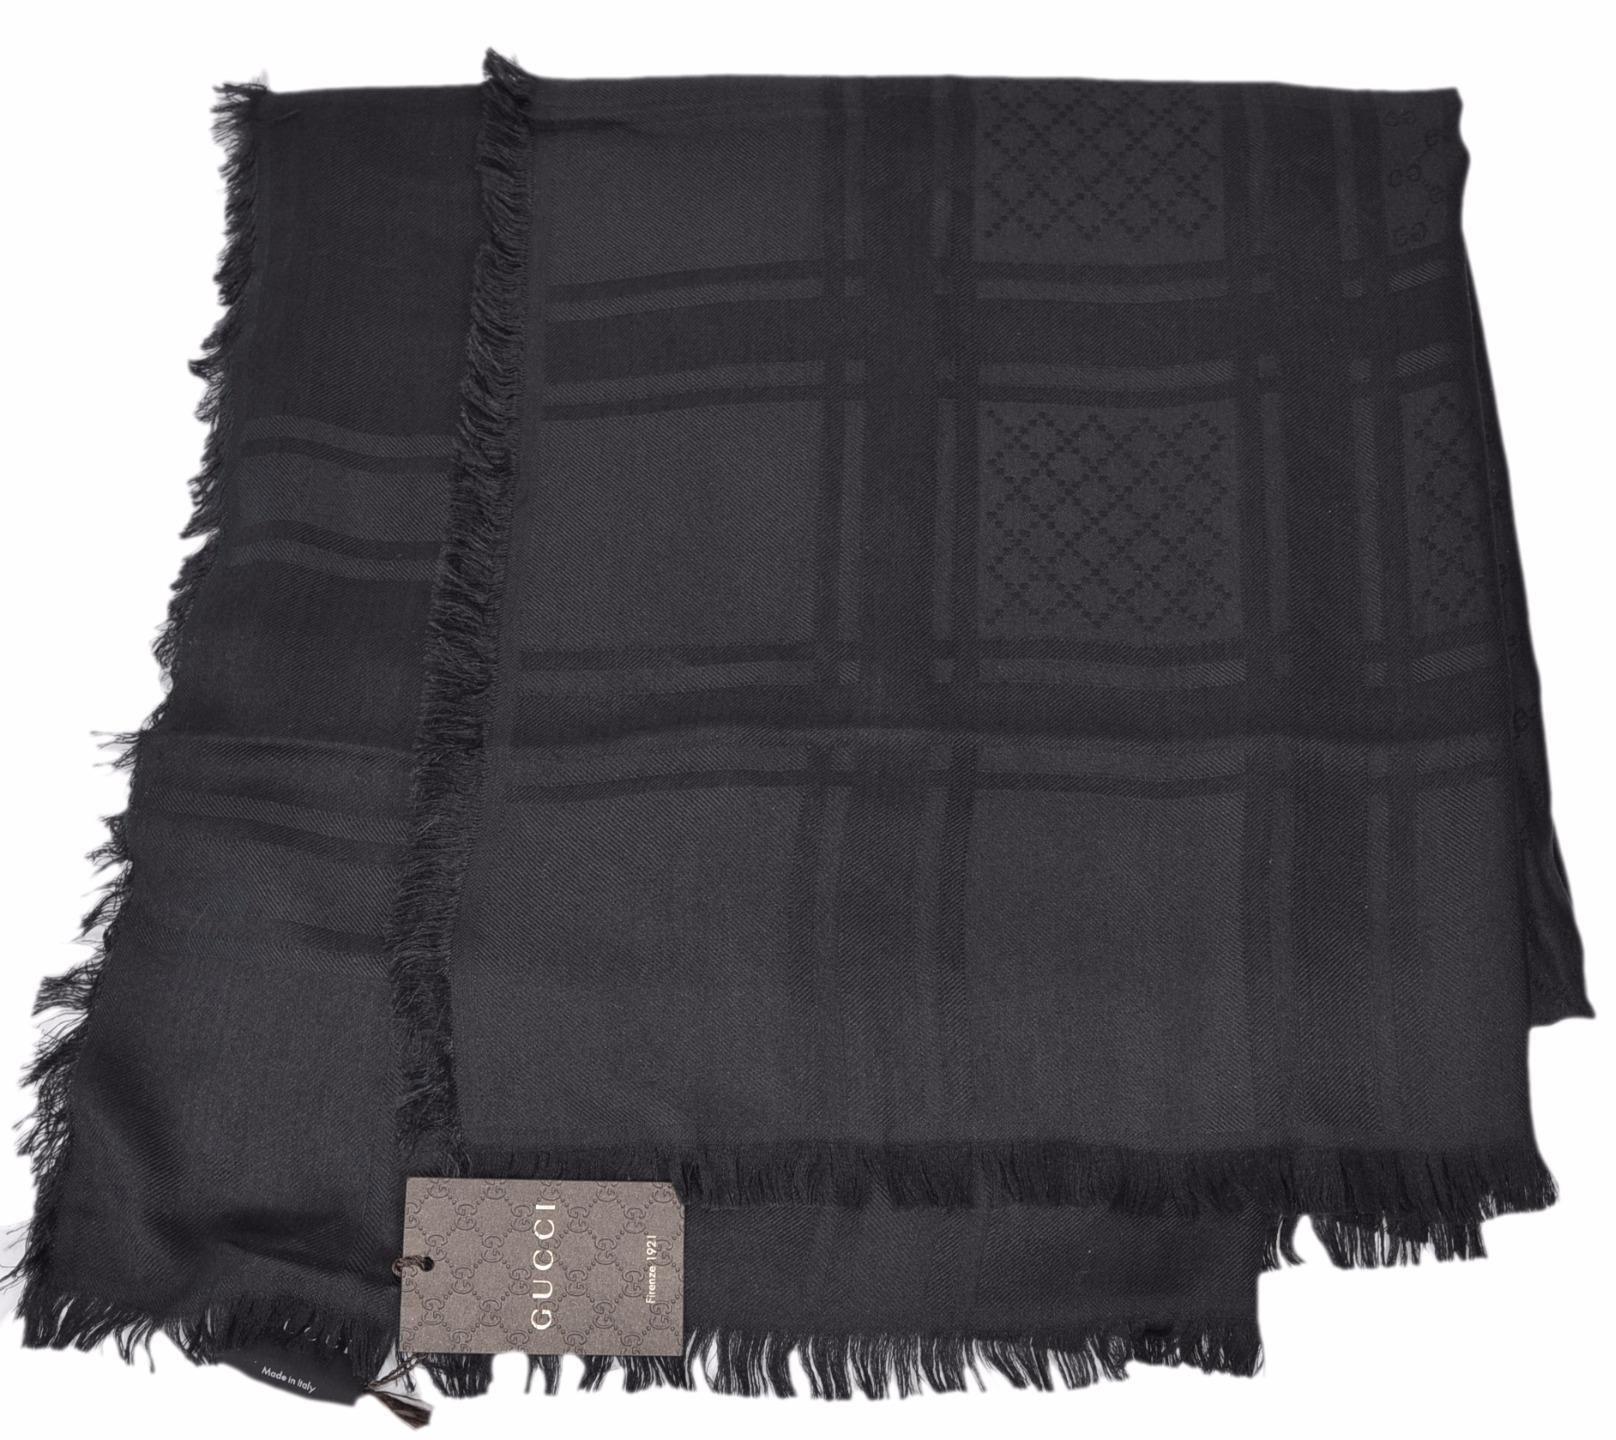 ff82e32609b8c NEW Gucci BLACK Diamante GG Guccissima Large Square Scarf 55